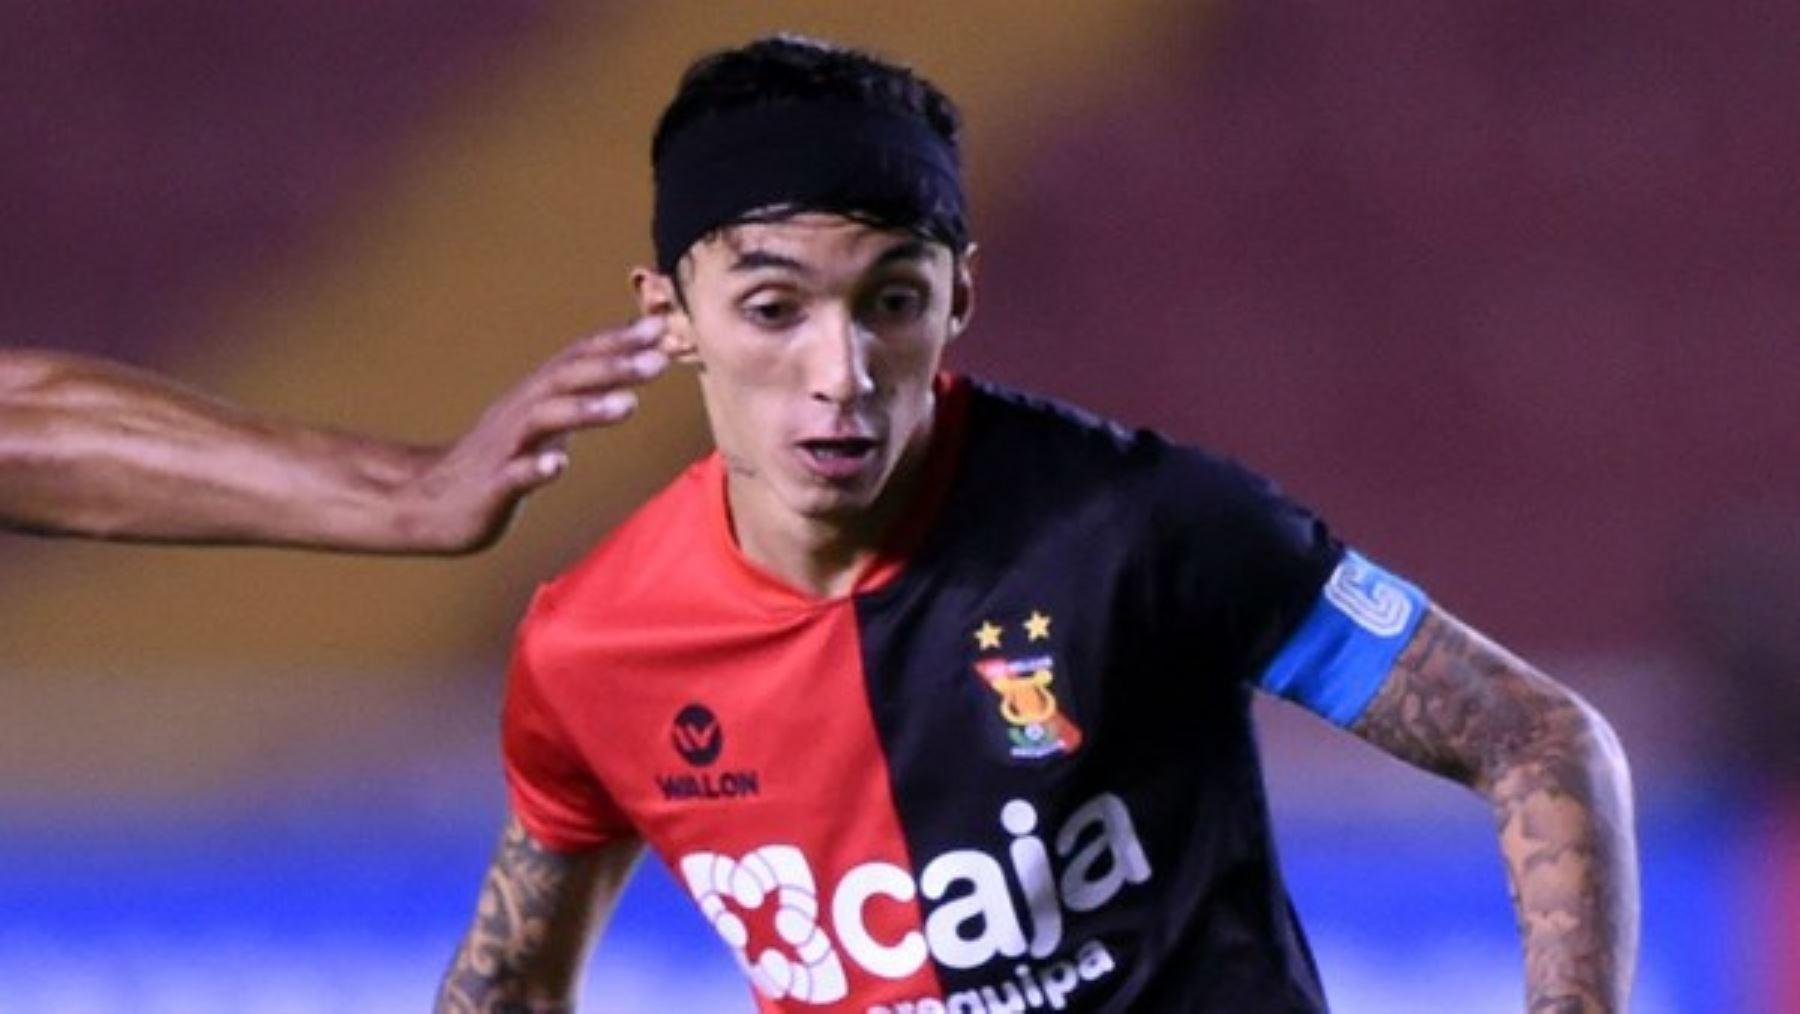 El once que presentará en su estreno en Copa Libertadores — Melgar